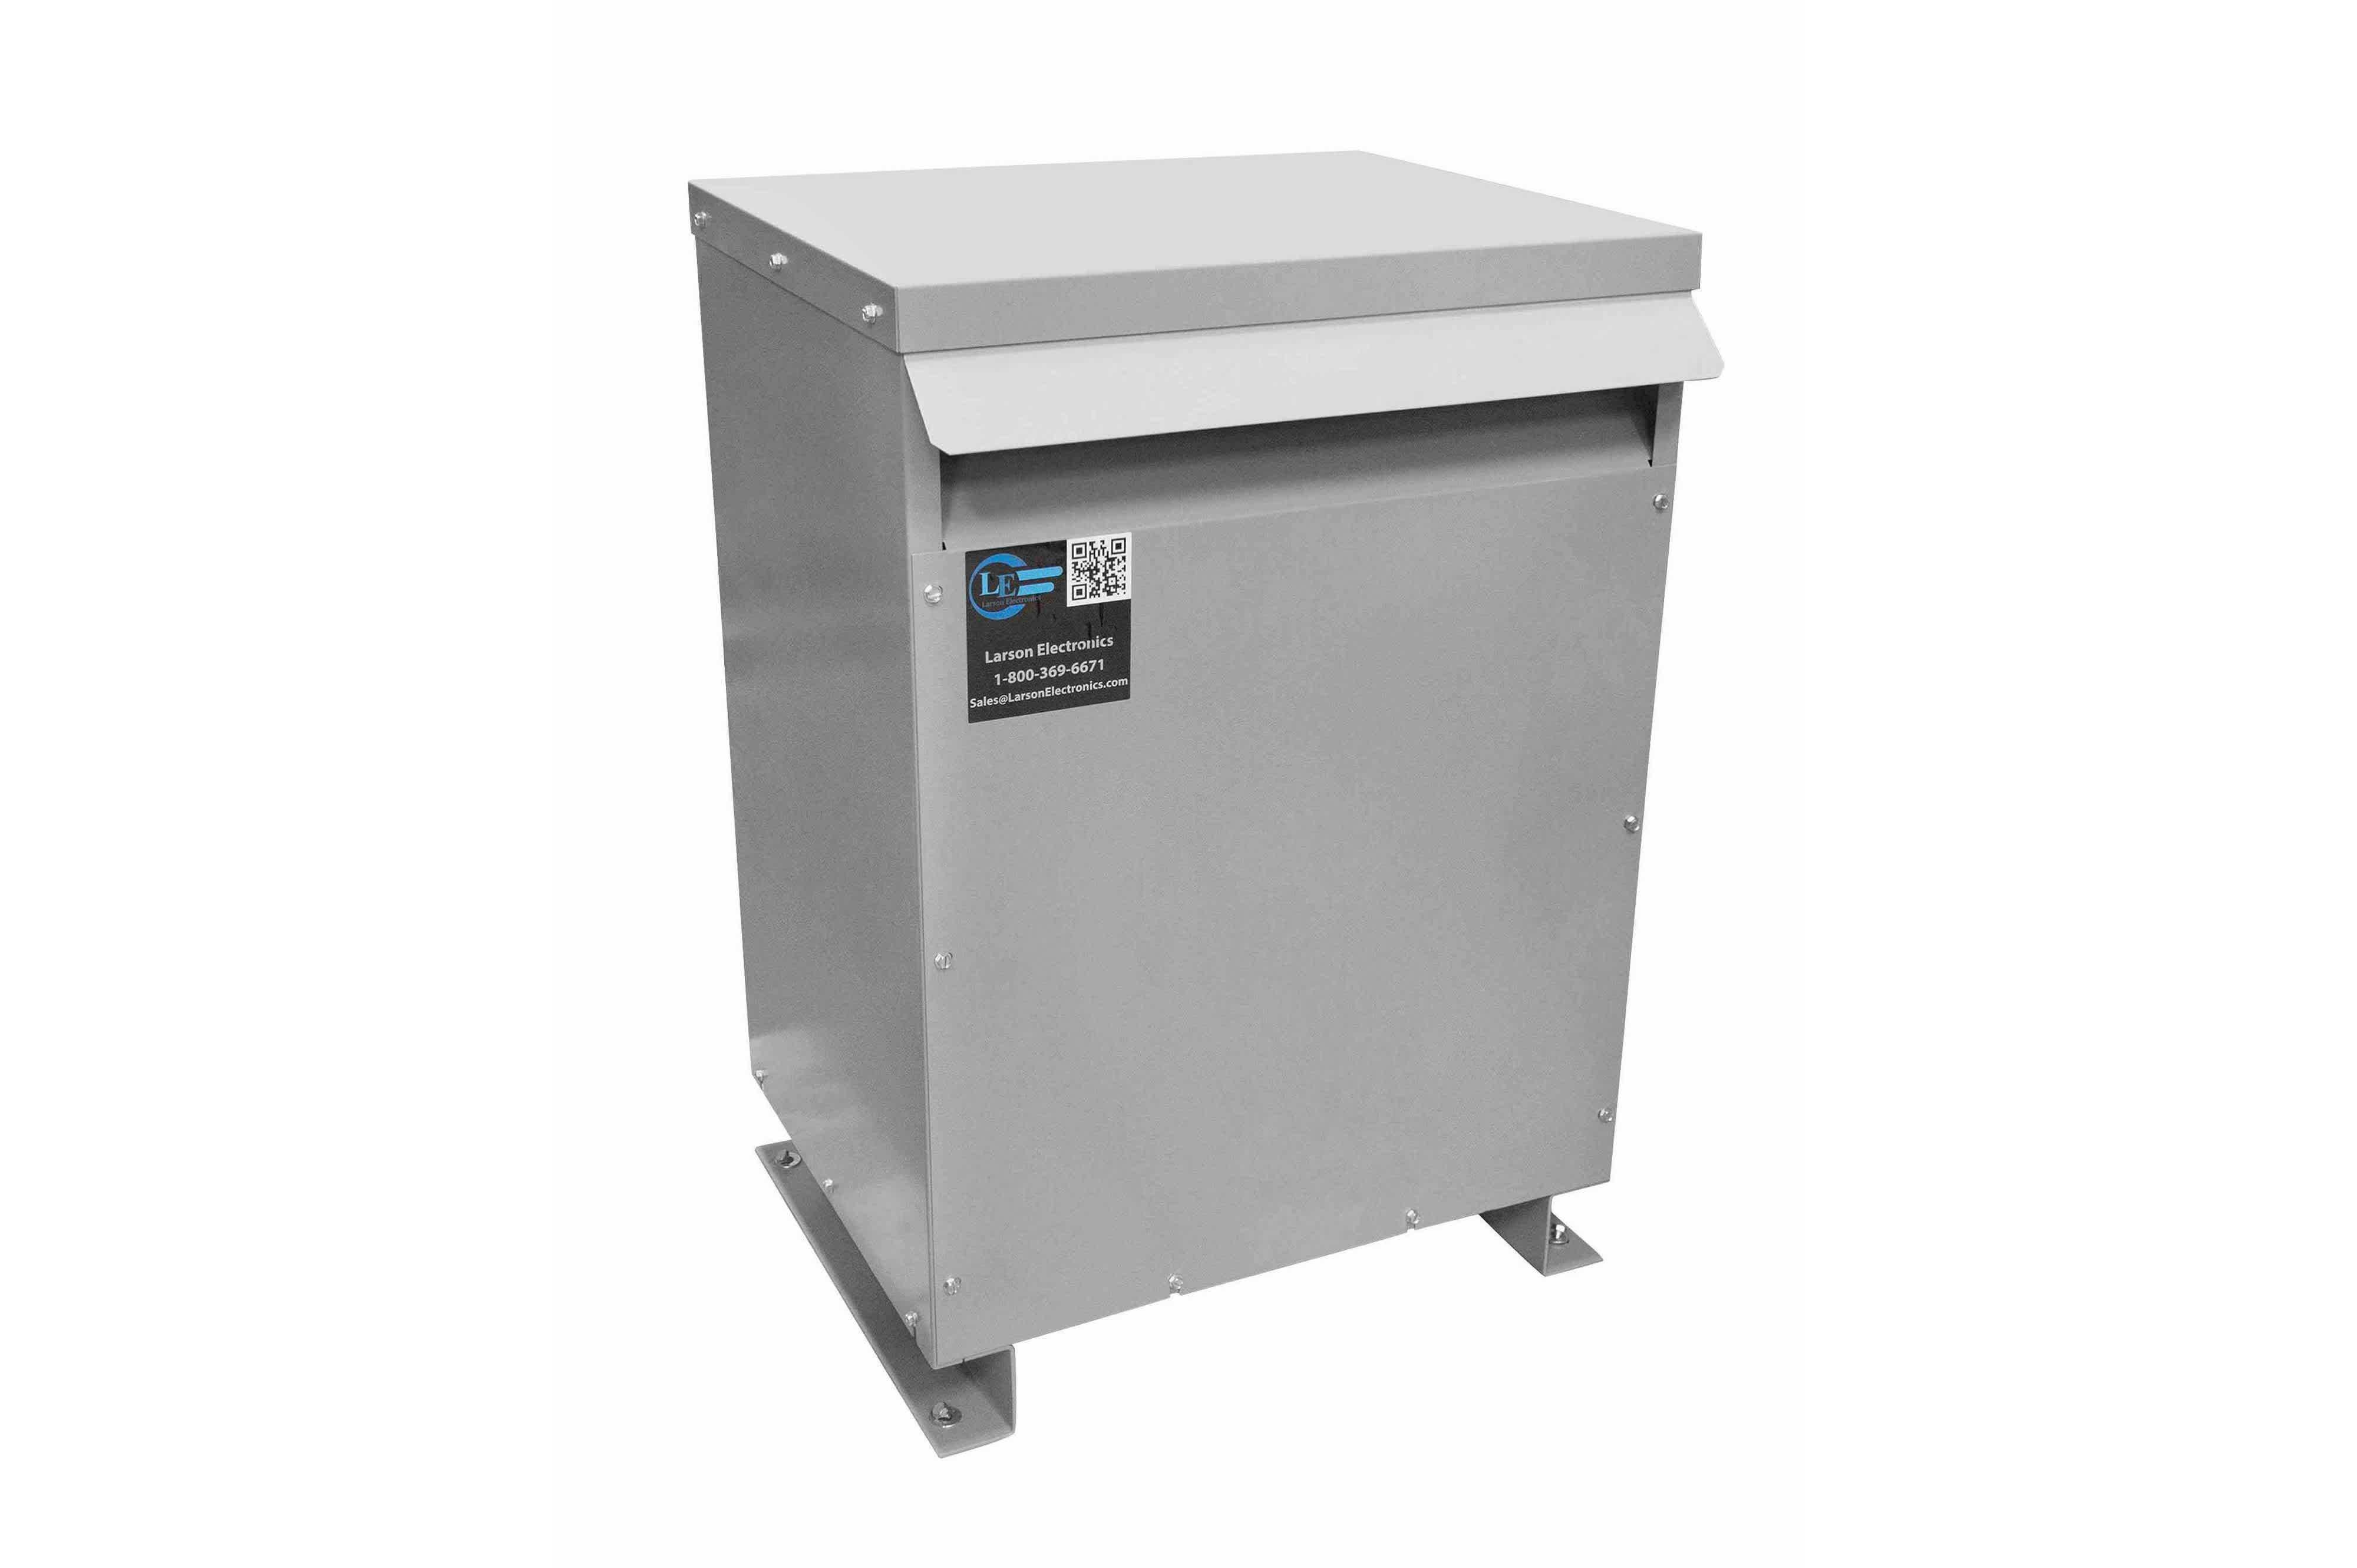 55 kVA 3PH Isolation Transformer, 230V Delta Primary, 208V Delta Secondary, N3R, Ventilated, 60 Hz